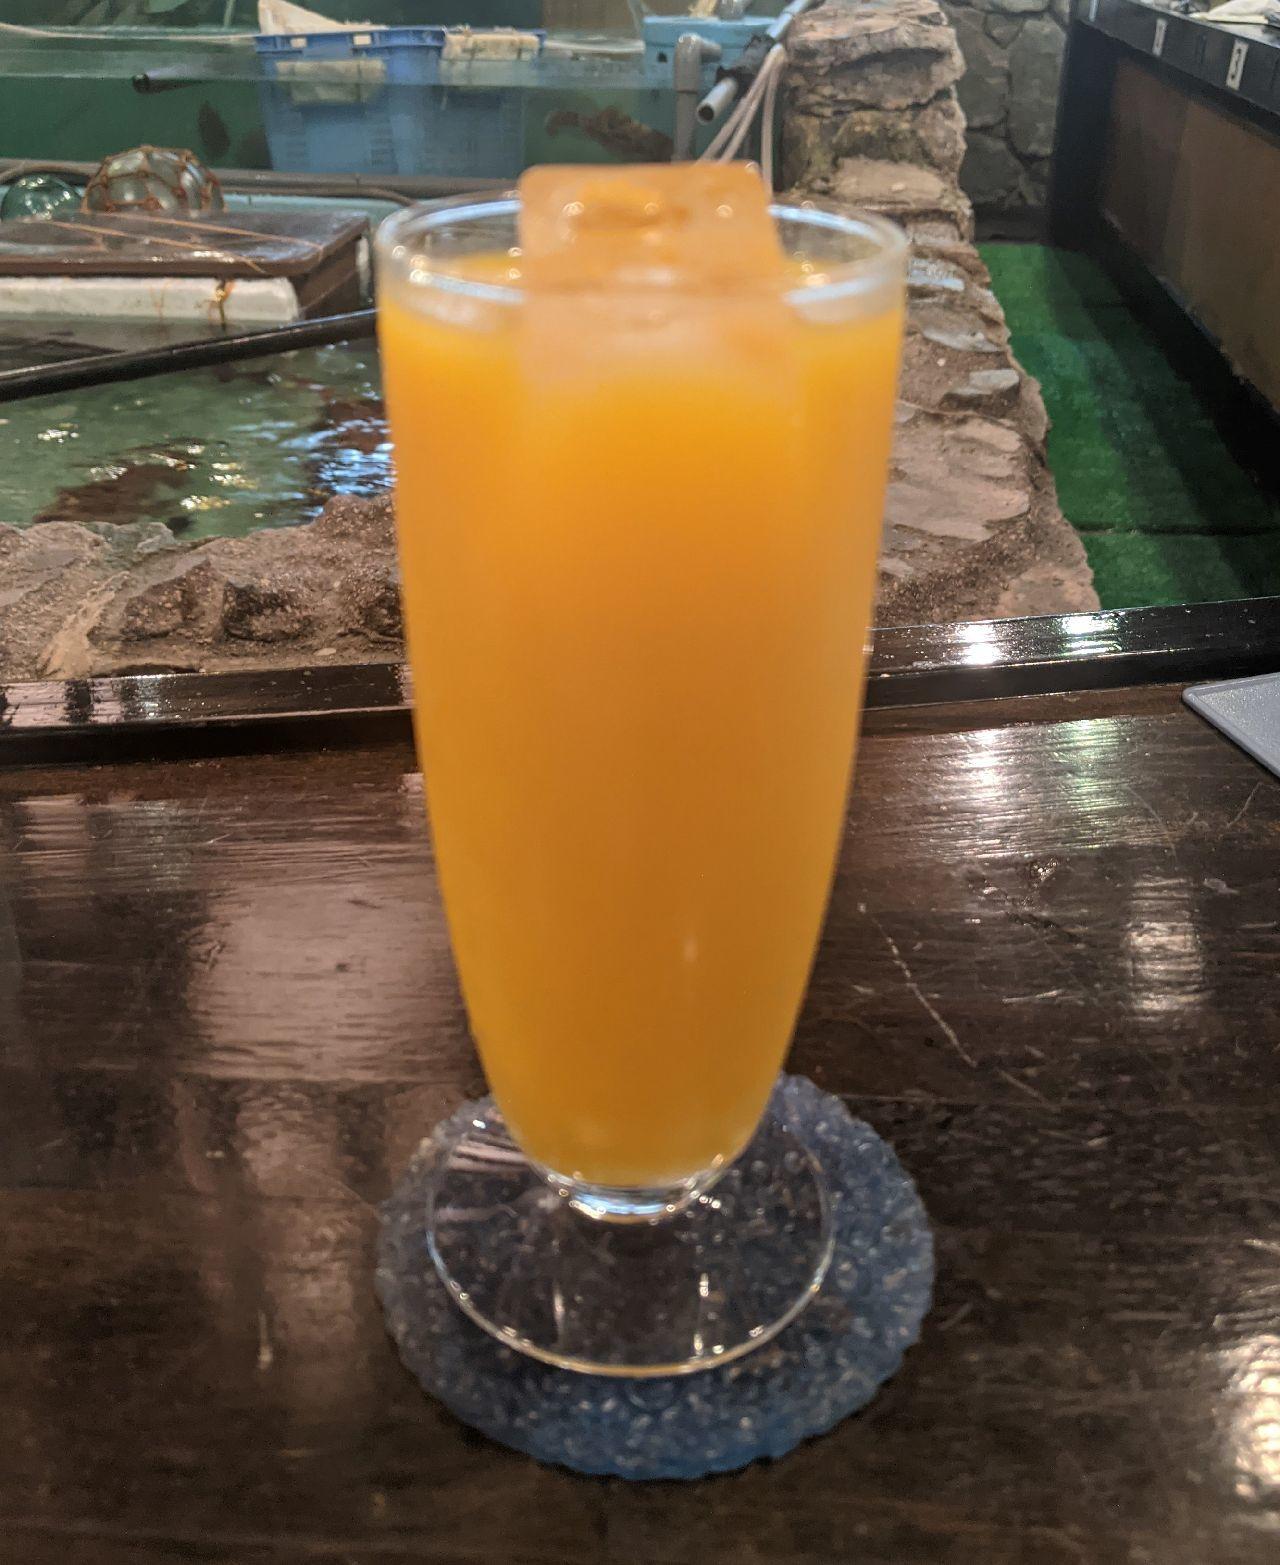 PXL_20201122_040251554福田果樹園のあまくさみかん100%果汁ストレートジュース